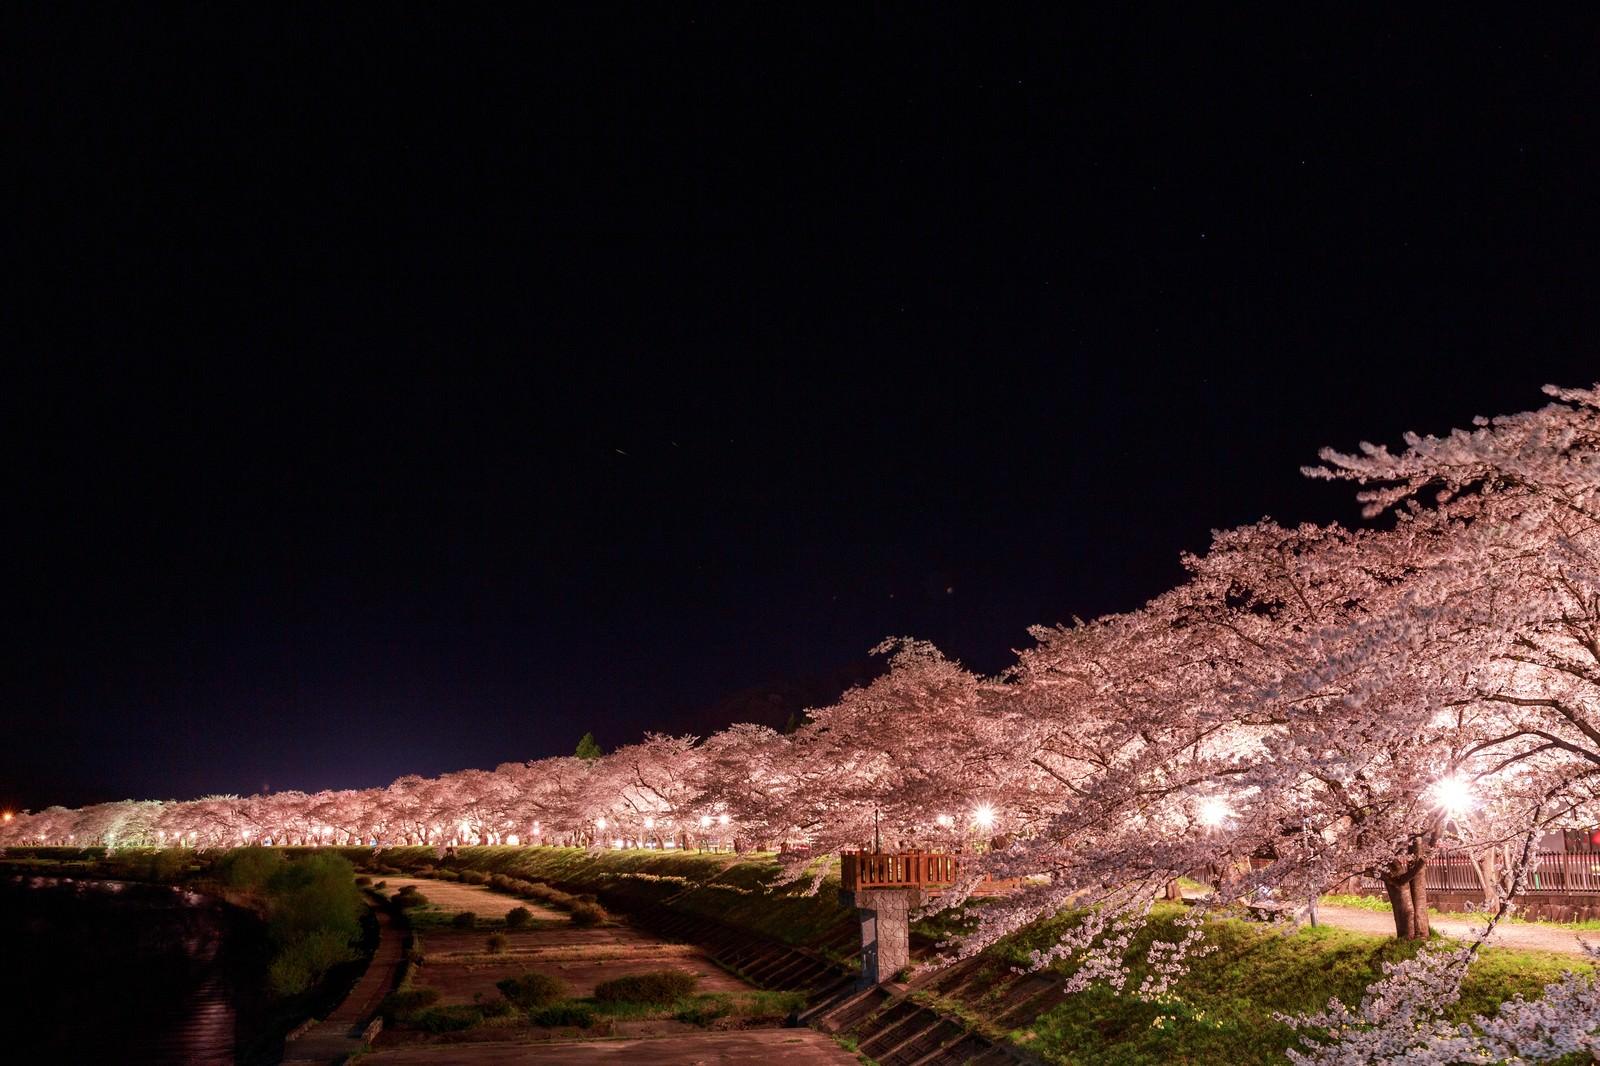 「角館桧木内川の夜桜(夜景)」の写真